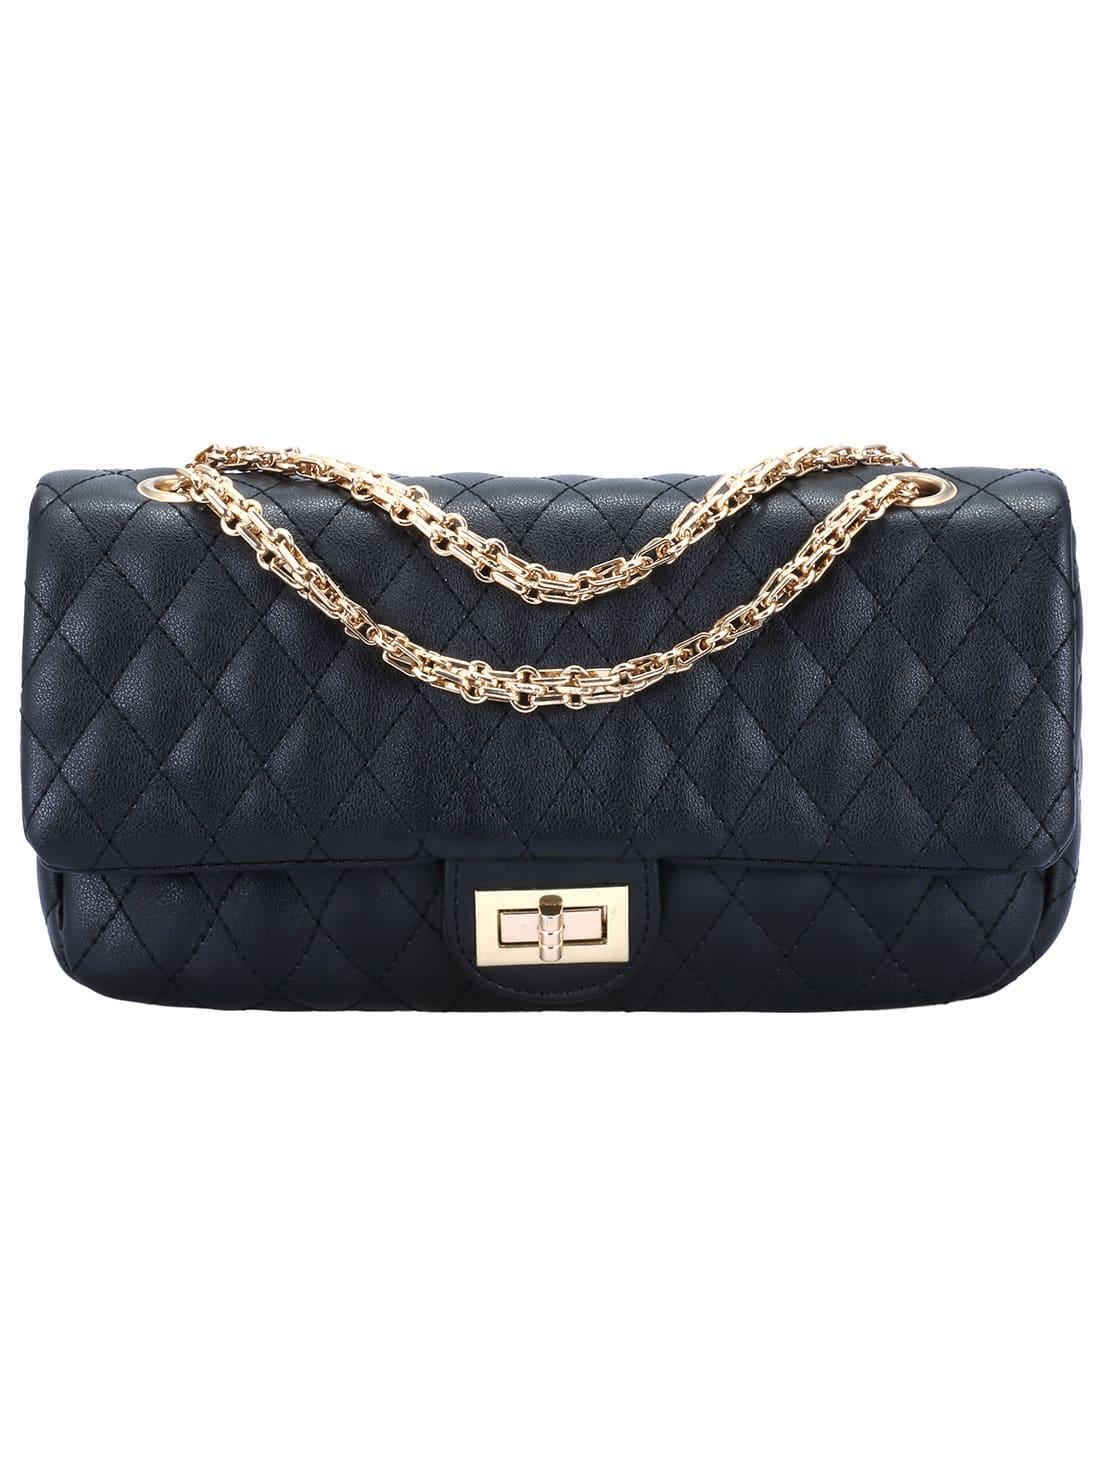 Black Twist Lock Diamond Pattern Chain Bag